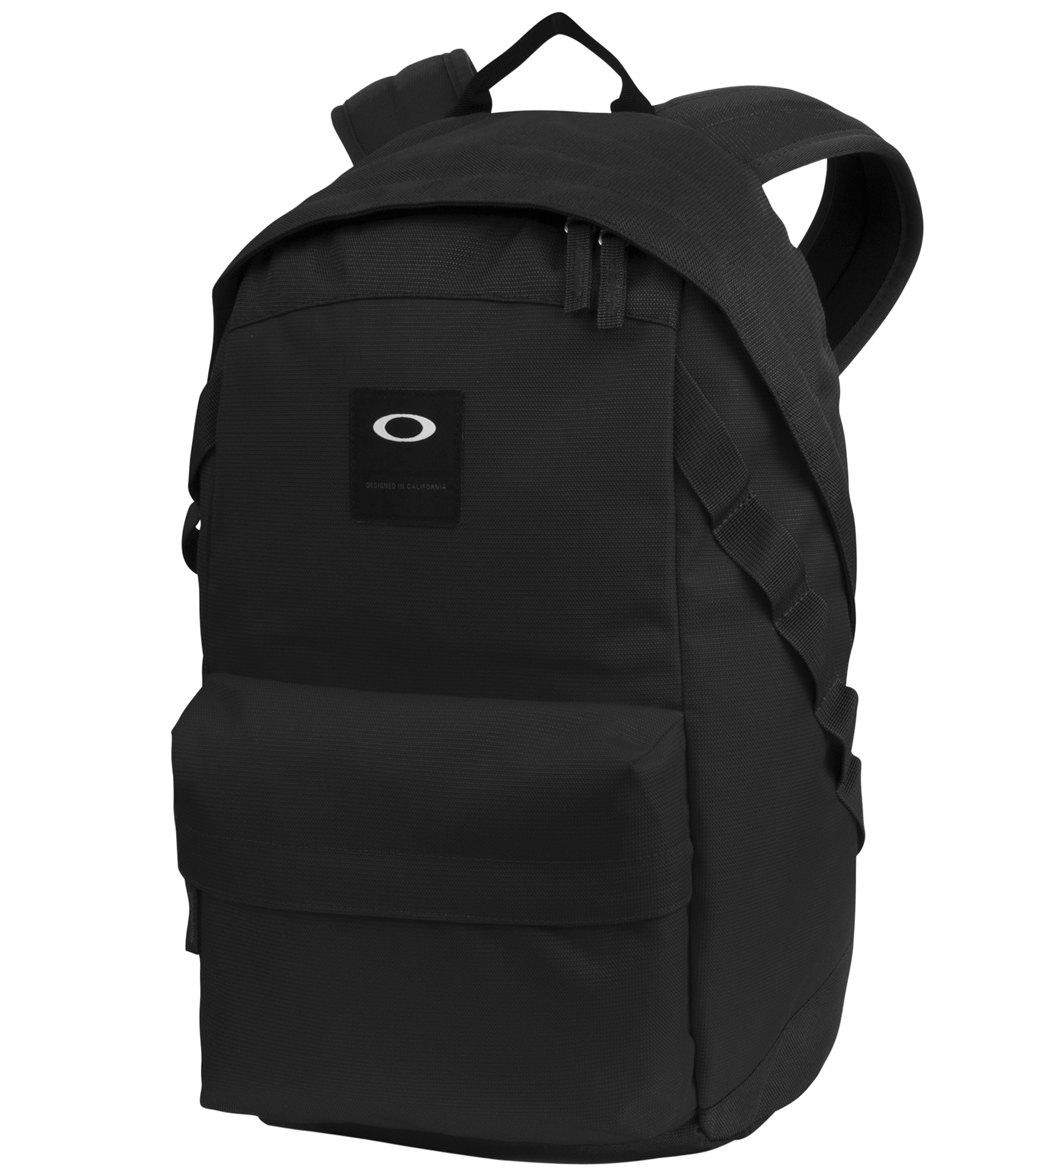 dc88af2d9ec Oakley Holbrook 20L Backpack at SwimOutlet.com - Free Shipping